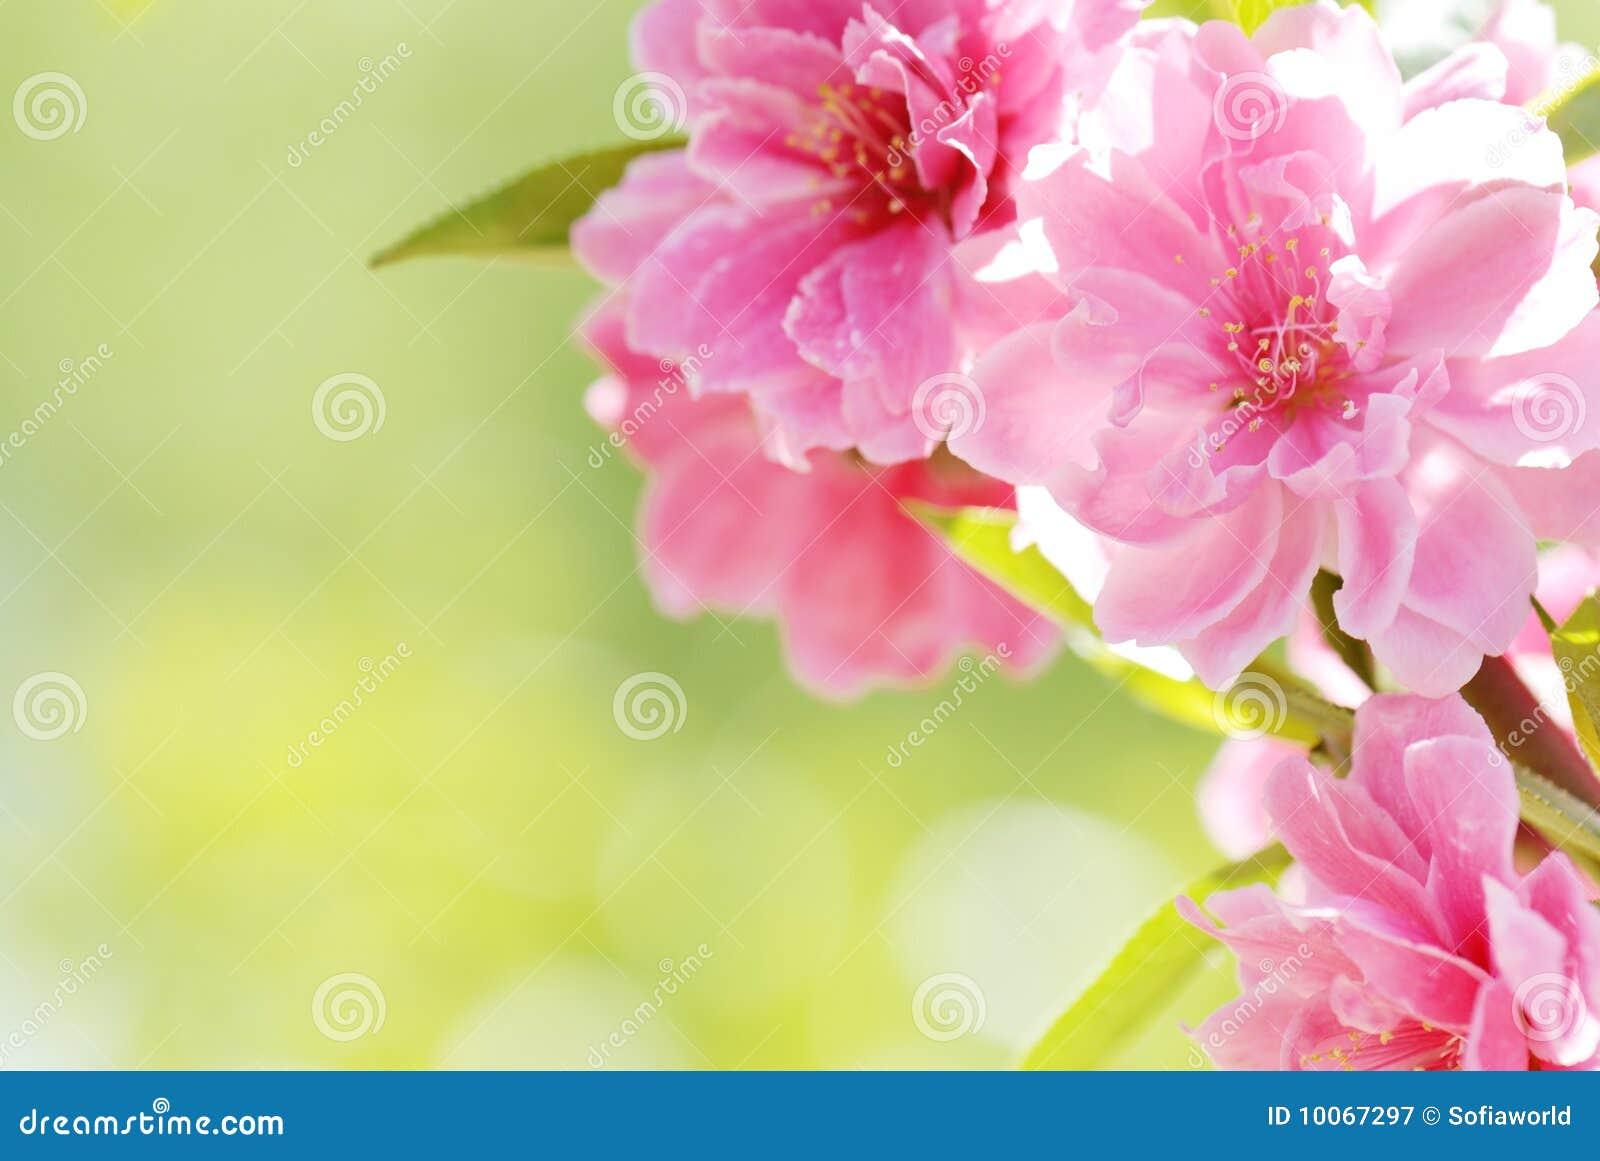 Flor da ameixa